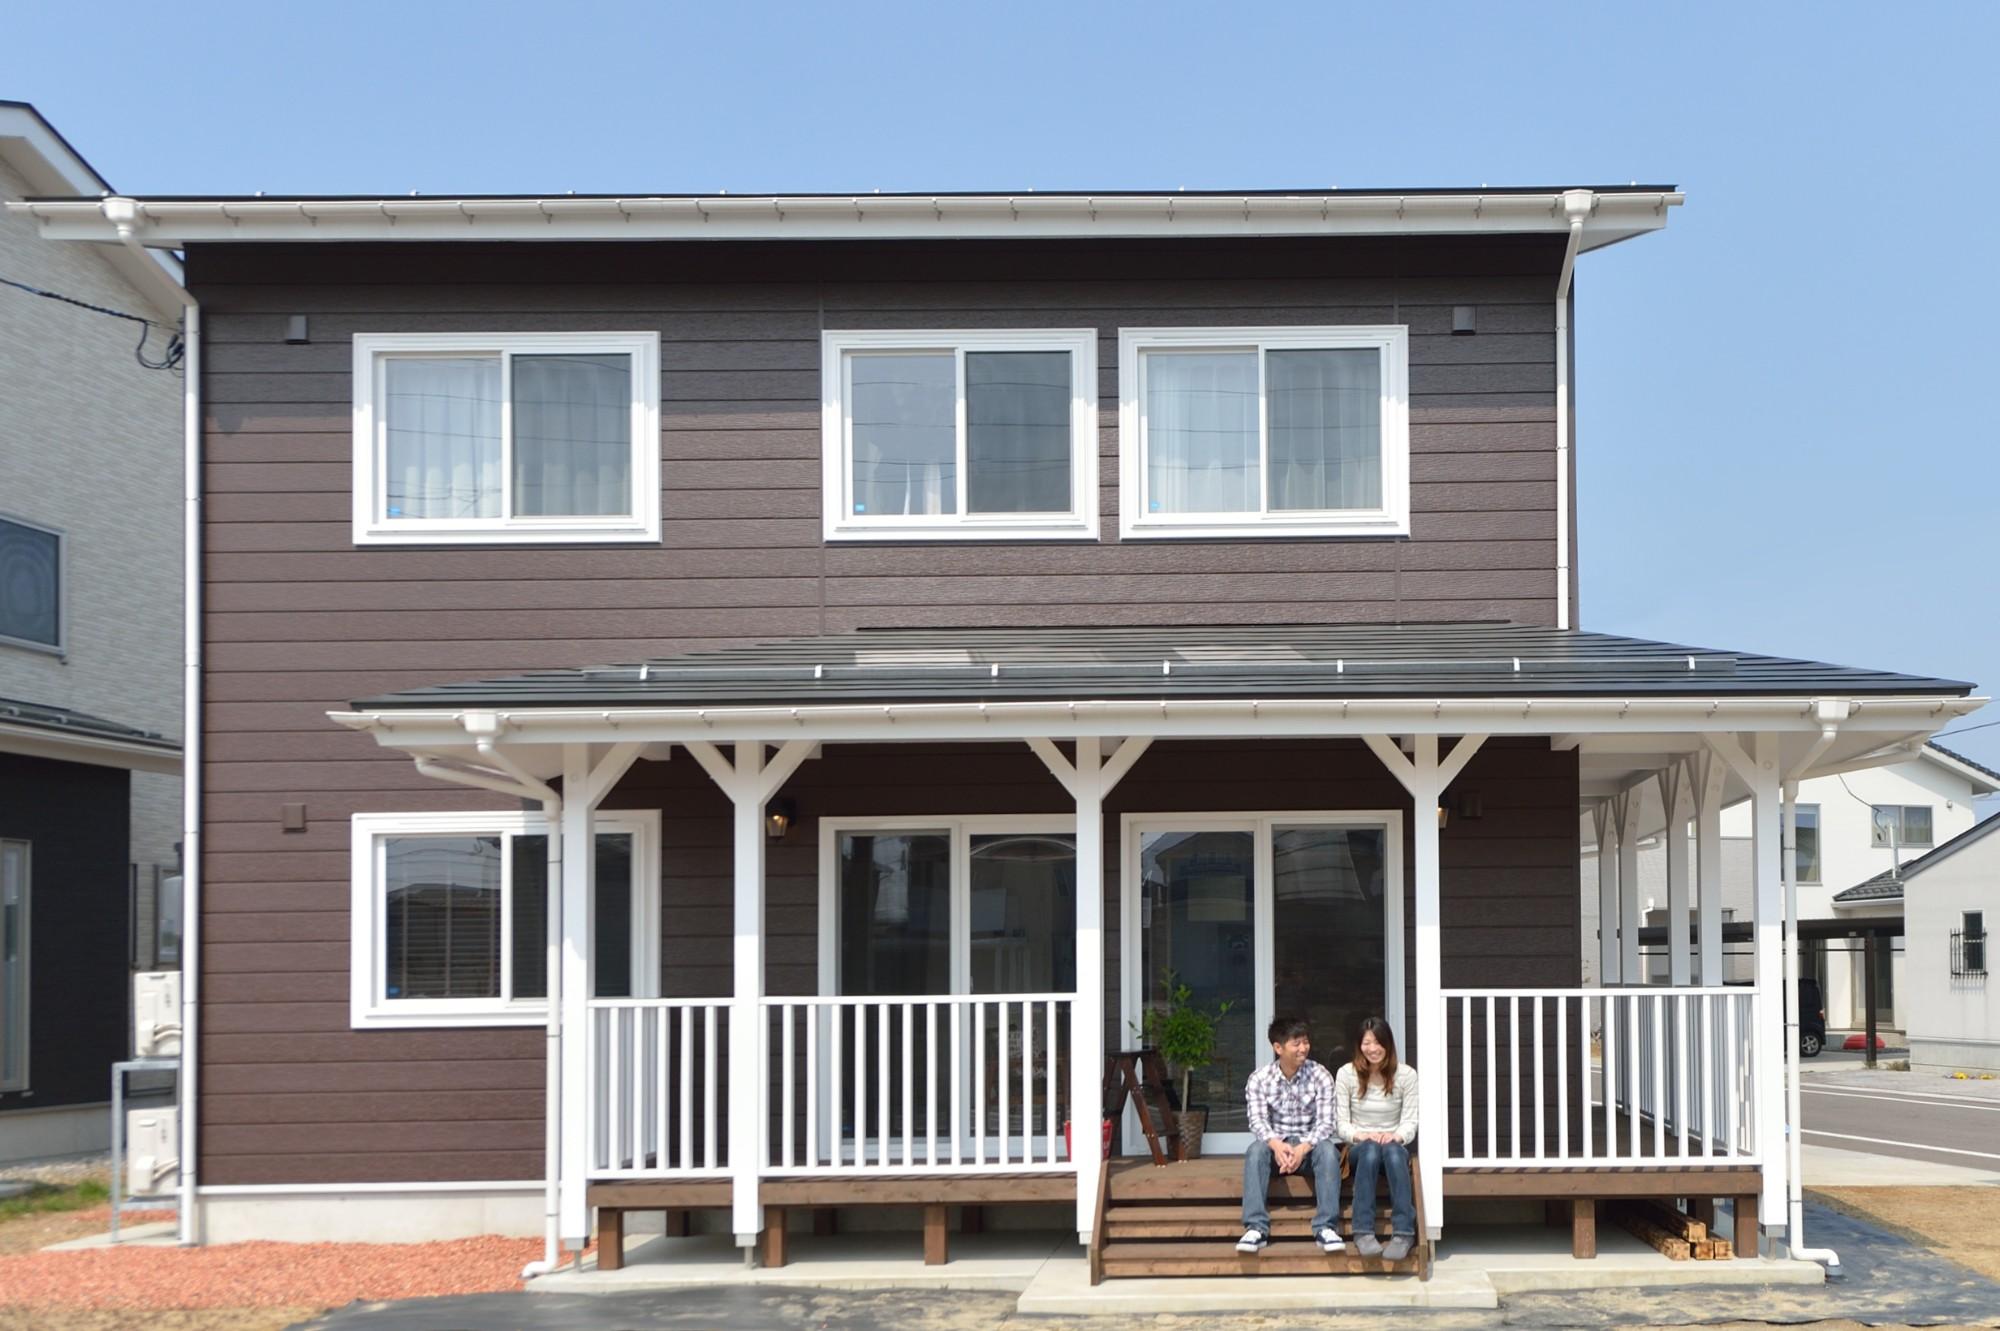 家'Sハセガワ株式会社「サニースタイルハウス」の西海岸風な外観の実例写真